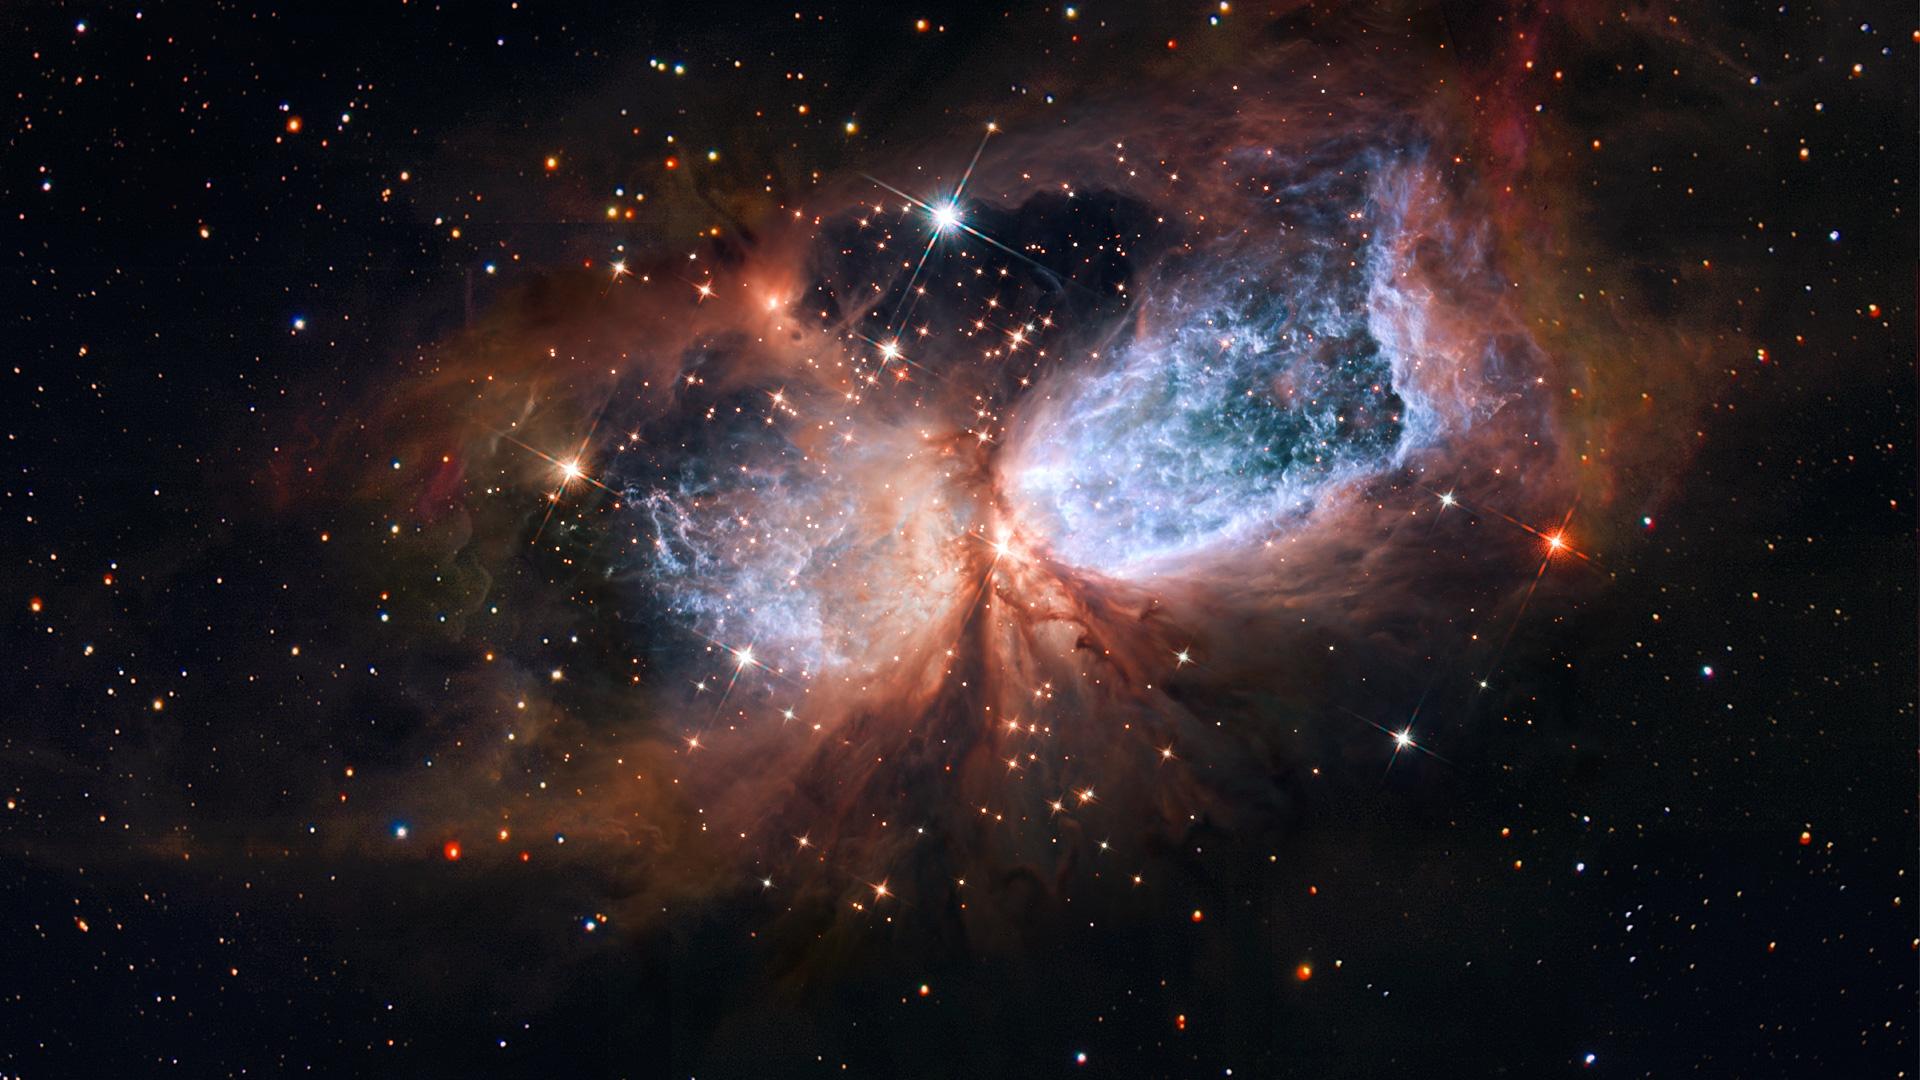 hubble space com - photo #9